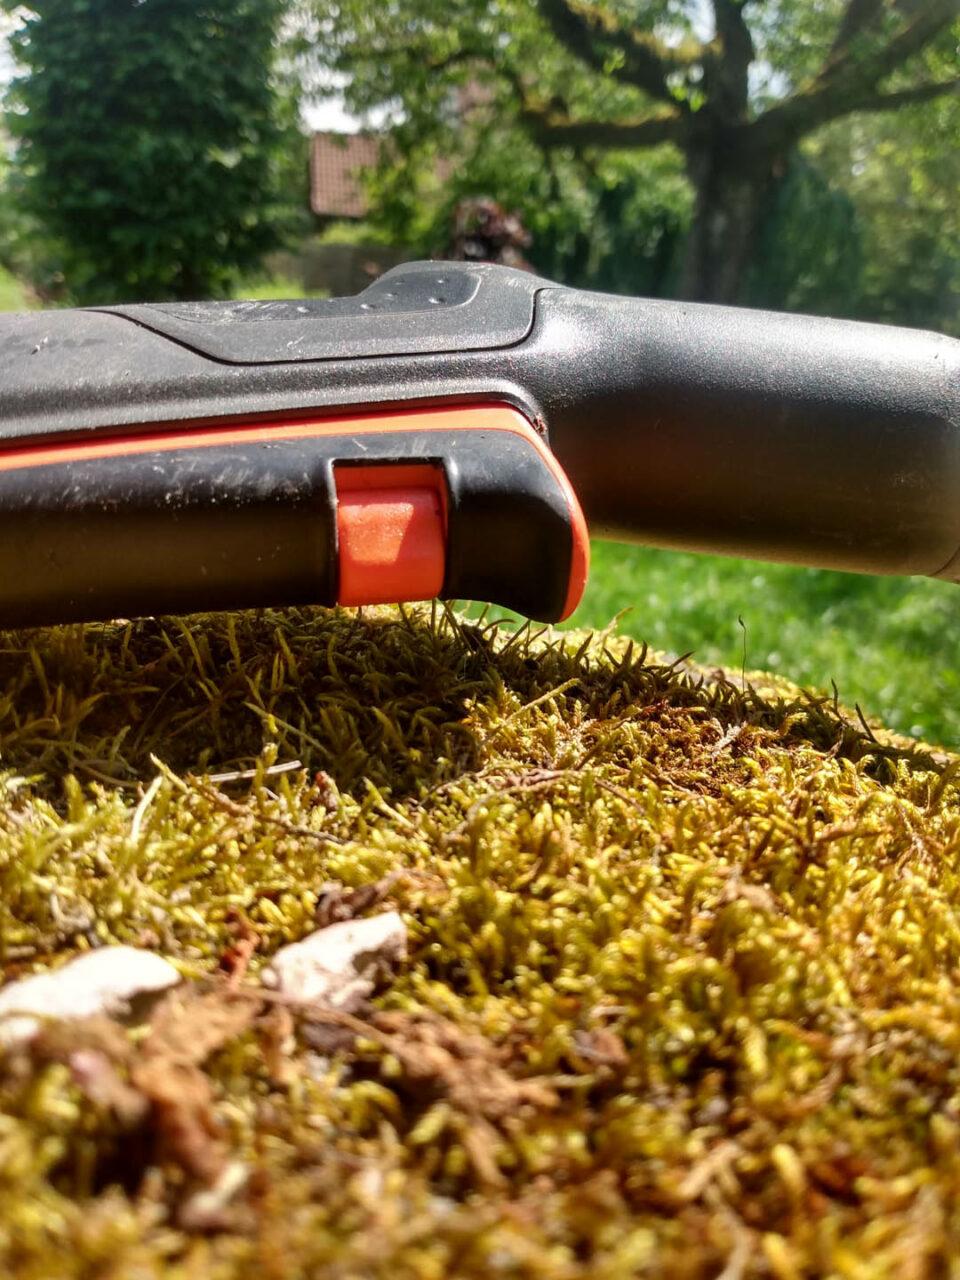 arretierbarer Impulsauslöser an der Gartenbrause